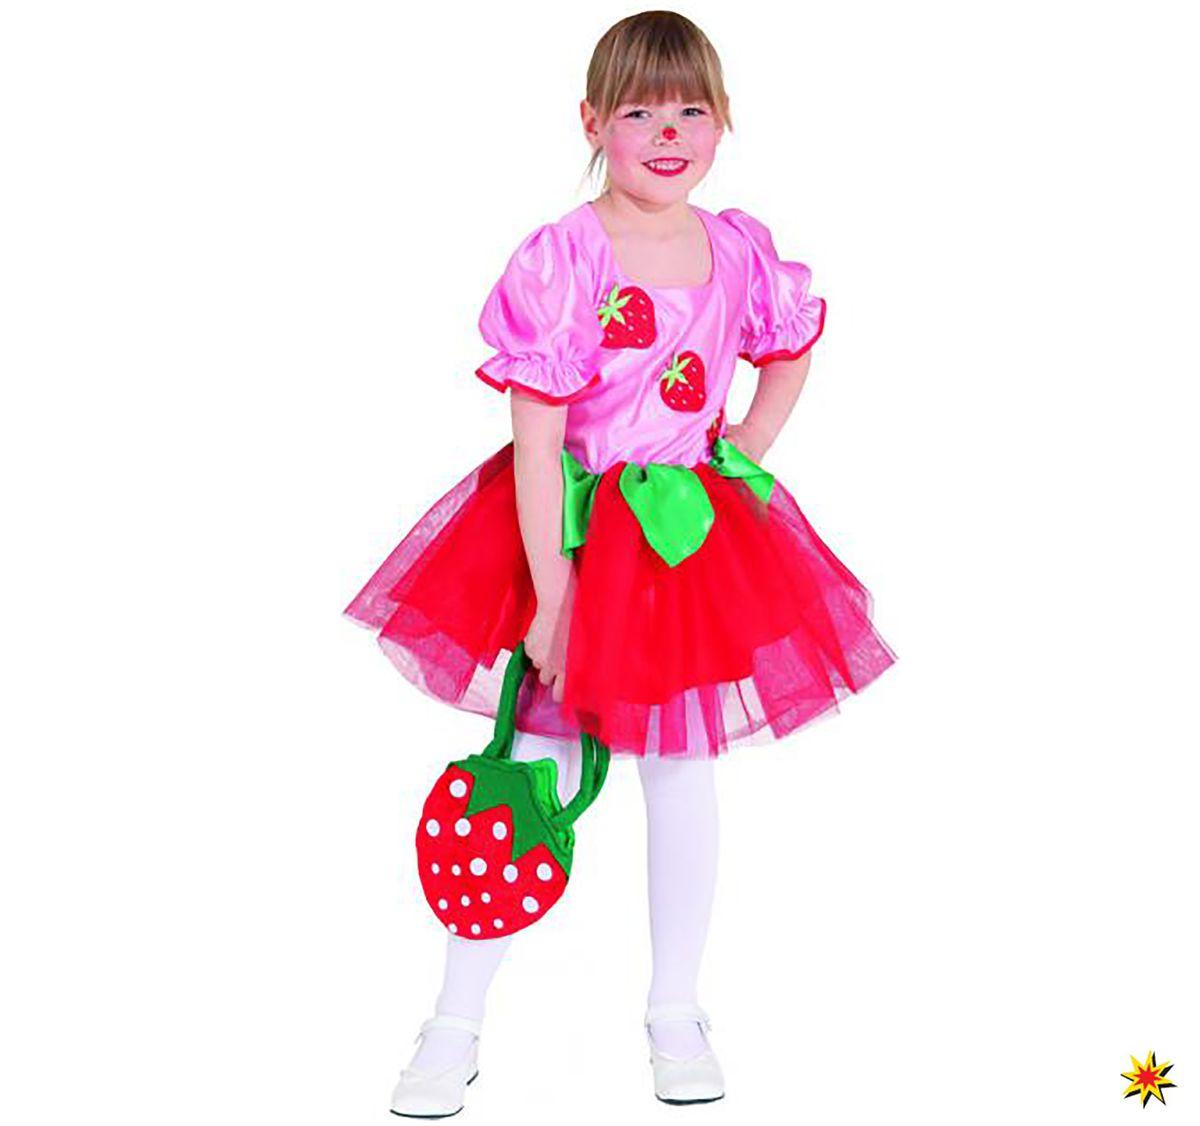 Kostüm Erdbeermädchen Kleid Erdbeer-Fee Karneval Fasching Karneval